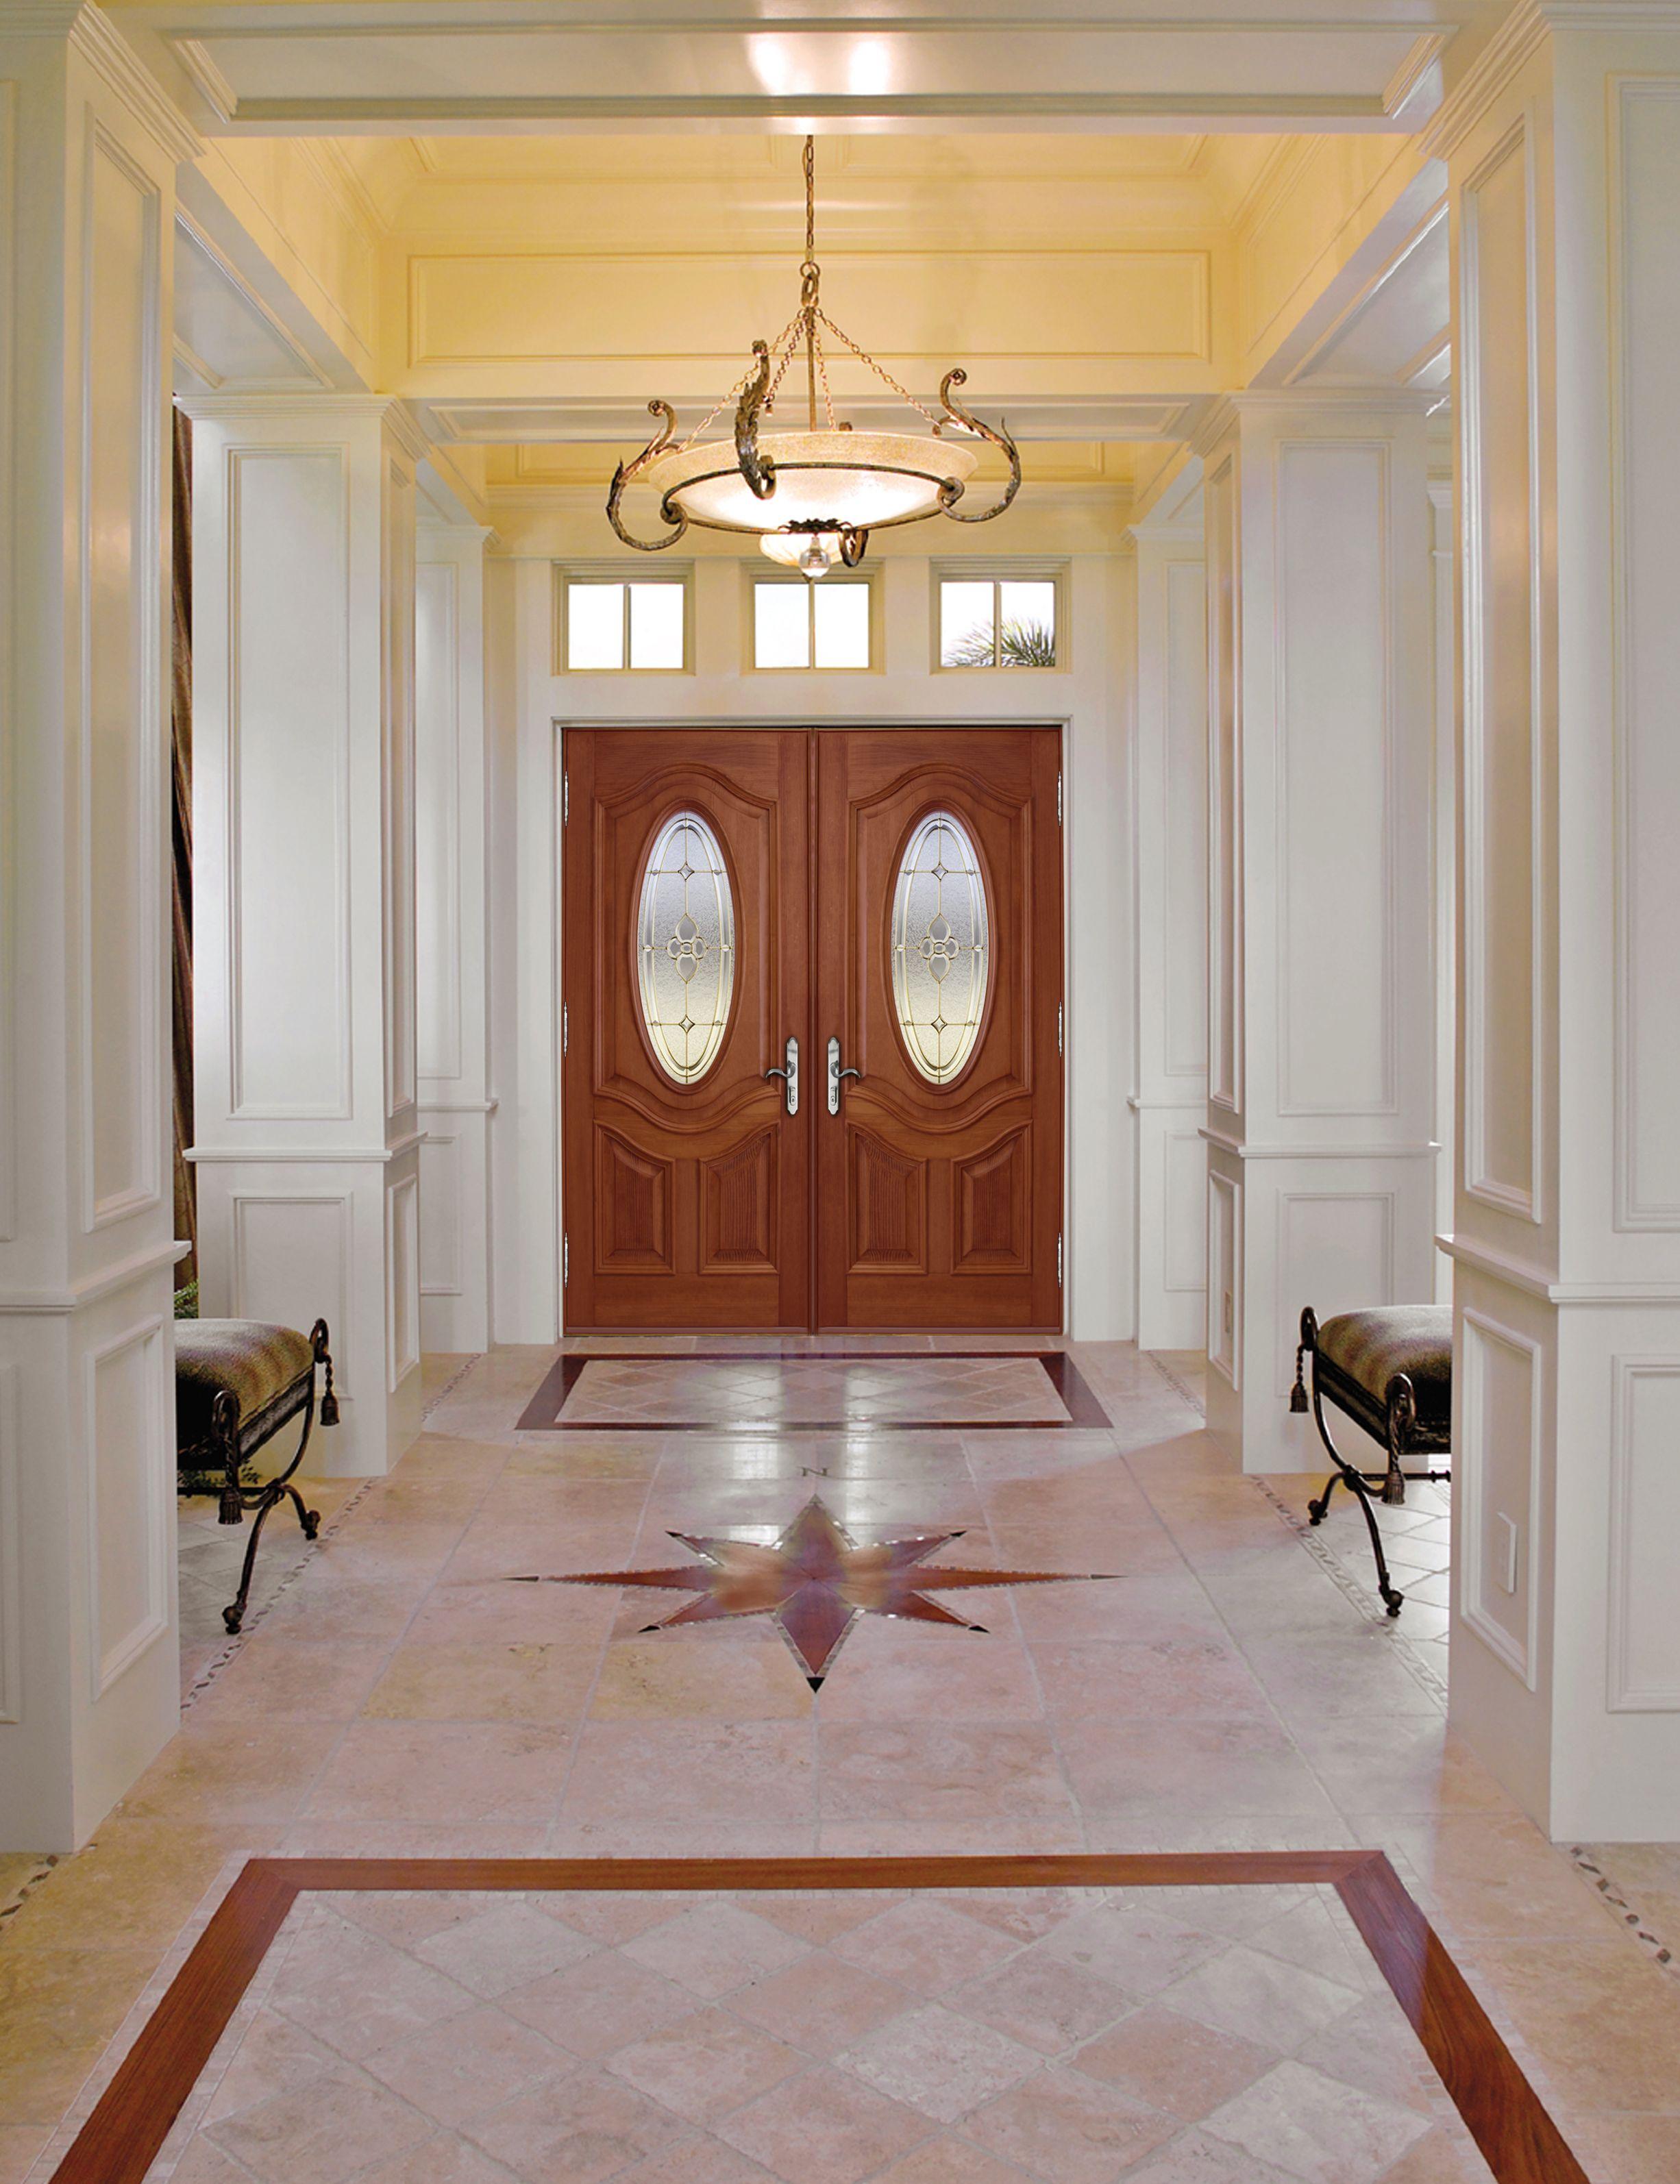 porte d 39 entr e principale double en bois vue int rieure. Black Bedroom Furniture Sets. Home Design Ideas